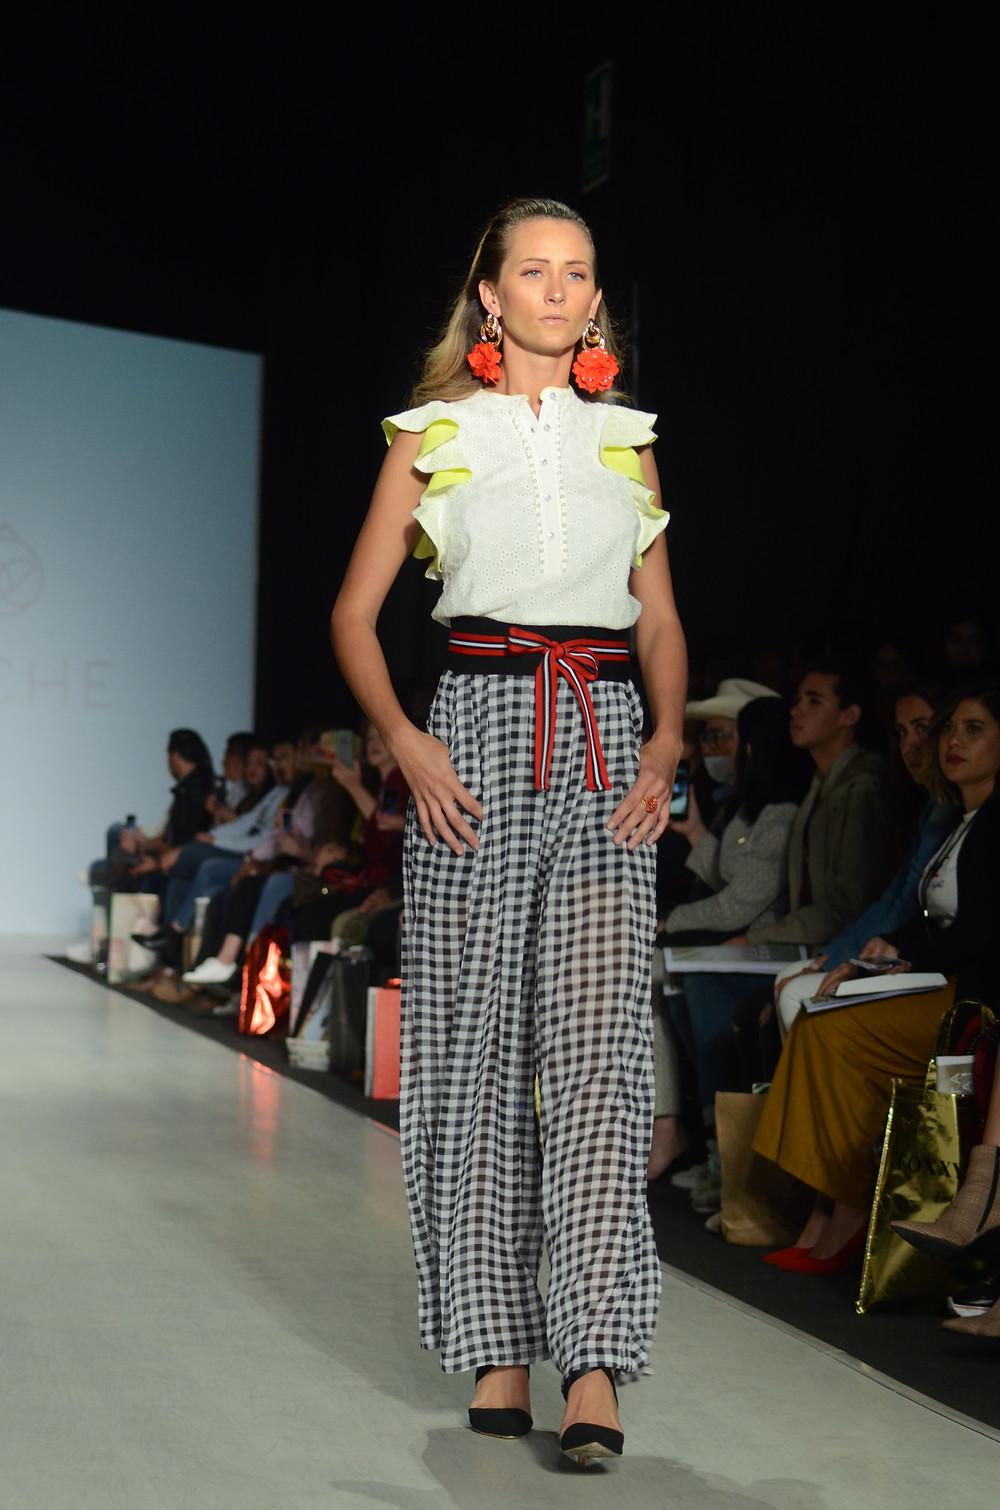 Espectaculares detalles en la blusa y los cuadros dominan en la marca